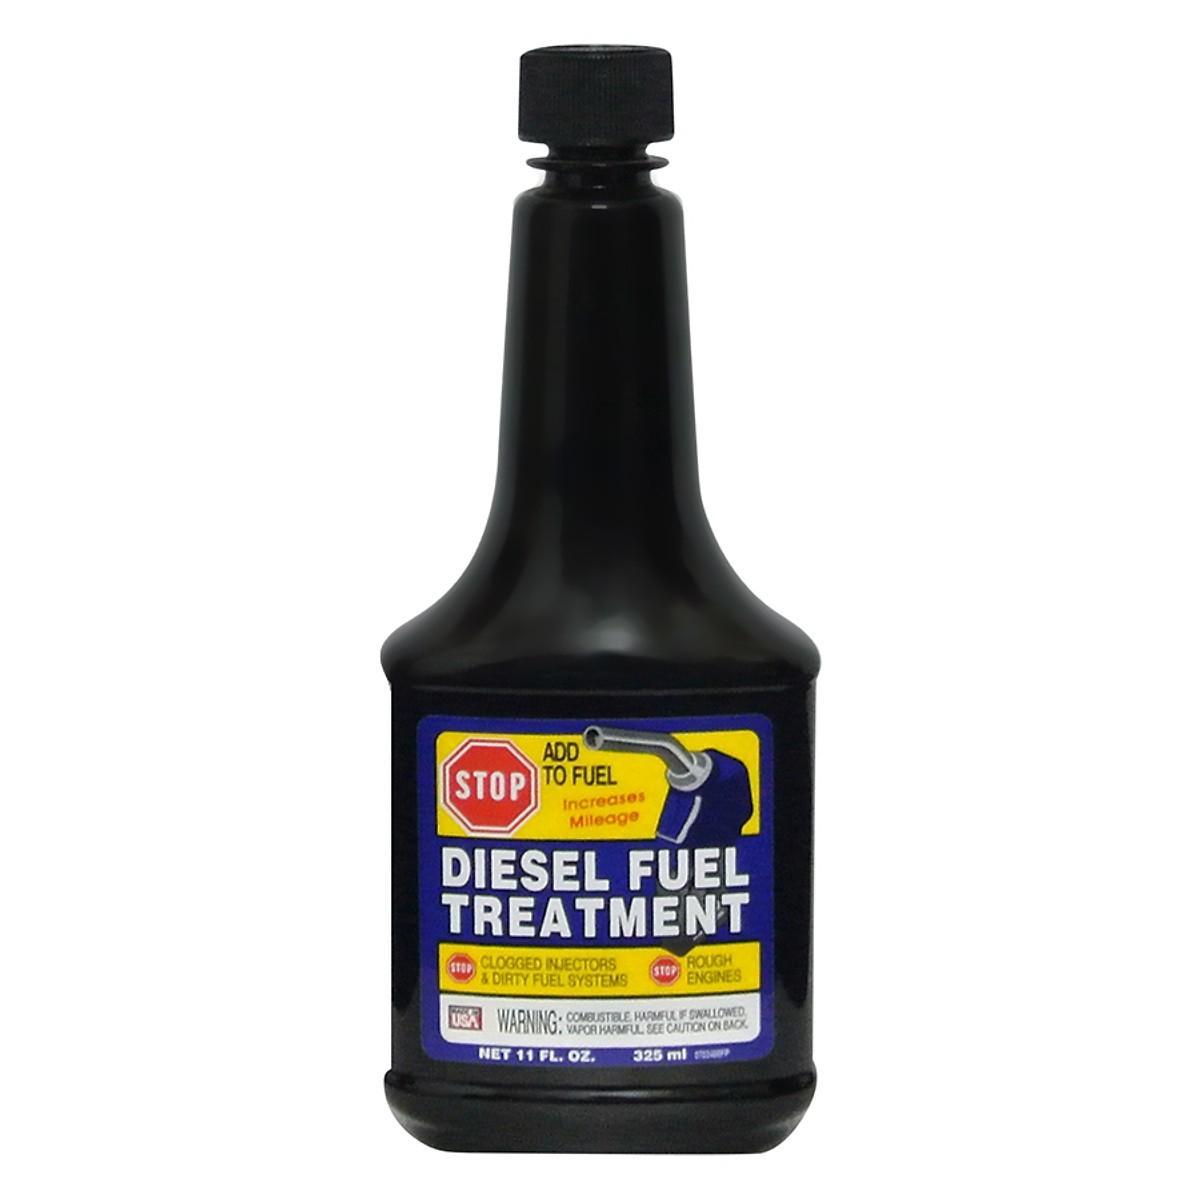 Dung dich xúc béc dầu Stop Diesel Fuel Treatment (nhập khẩu Mỹ)